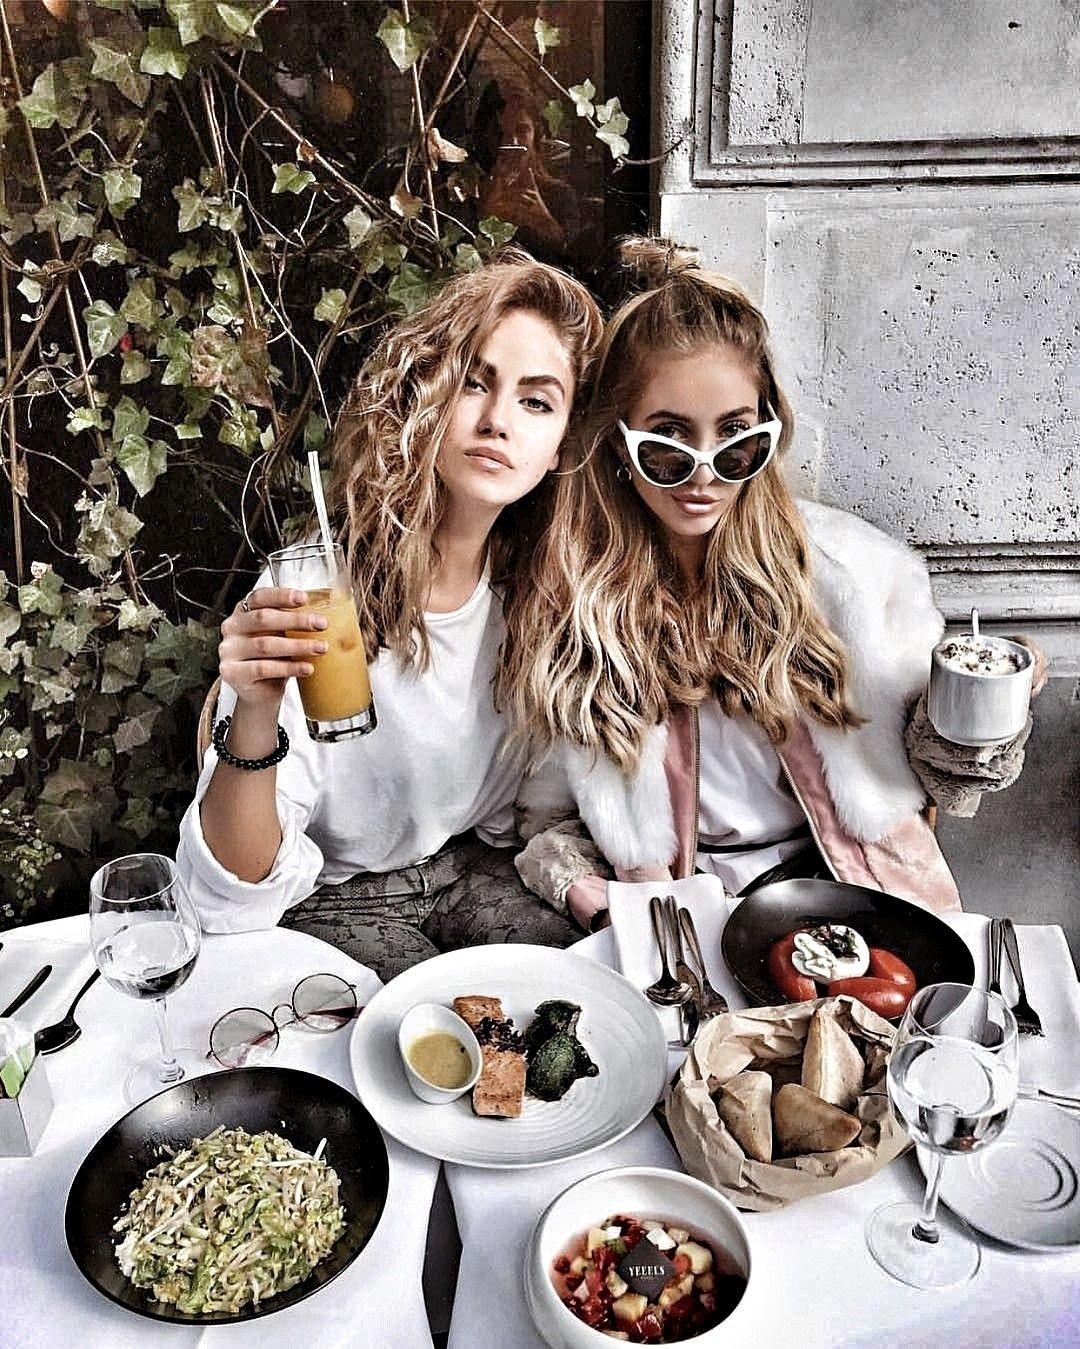 фотосессия с подругой в кафе досок